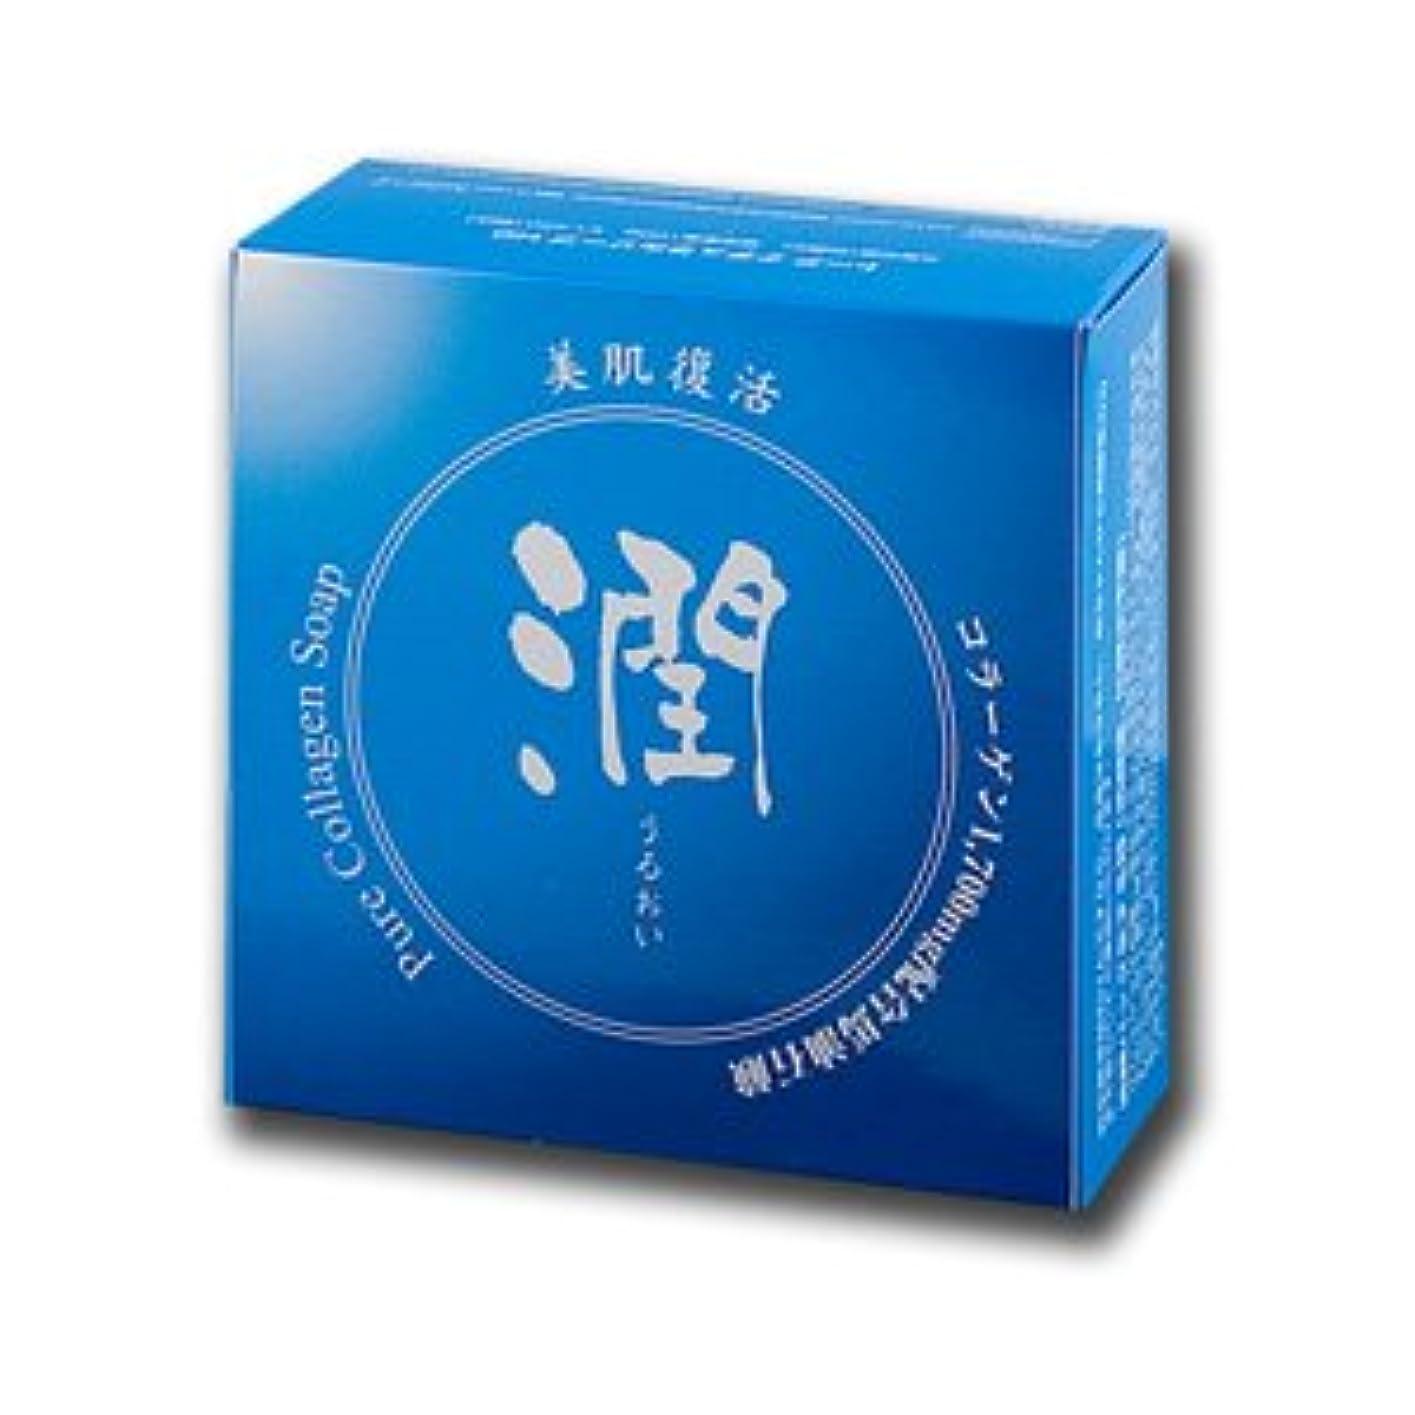 シャツ隠す診療所コラーゲン馬油石鹸 潤 100g (#800410) ×3個セット